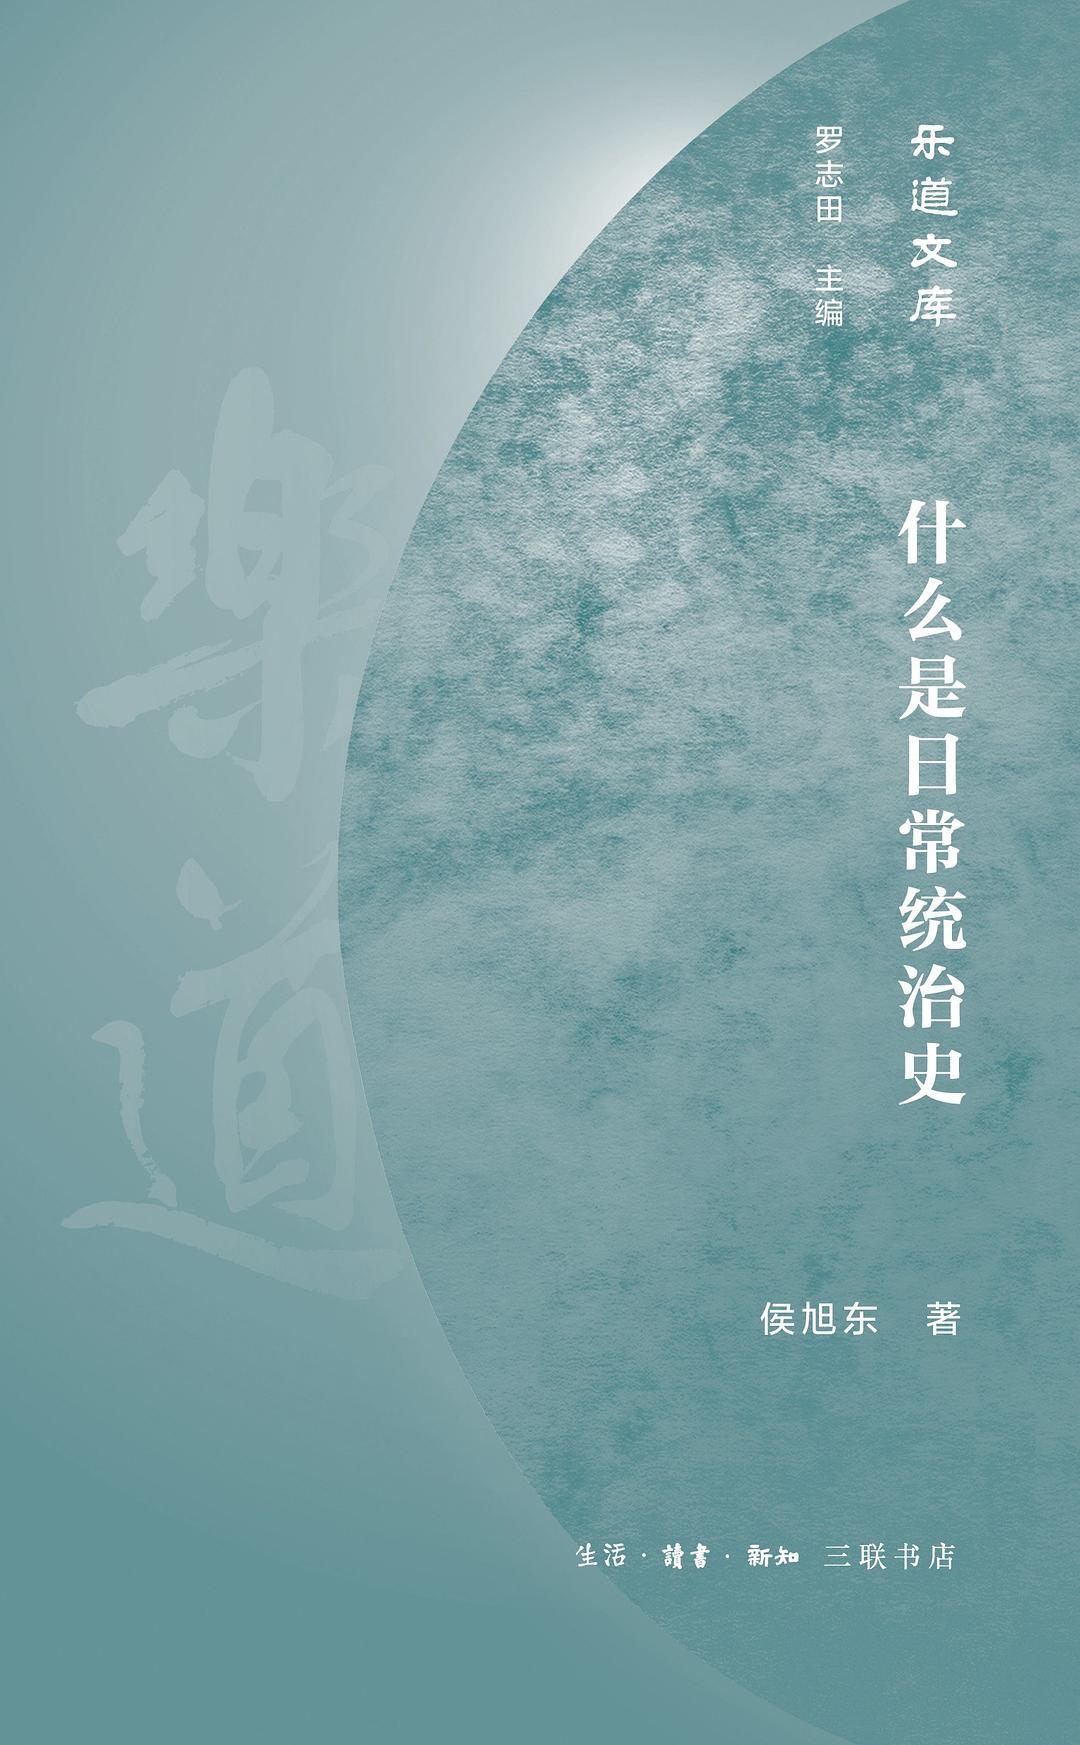 《什么是日常统治史》,侯旭东著,生活·读书·新知三联书店2020年7月版,356页,56.00元